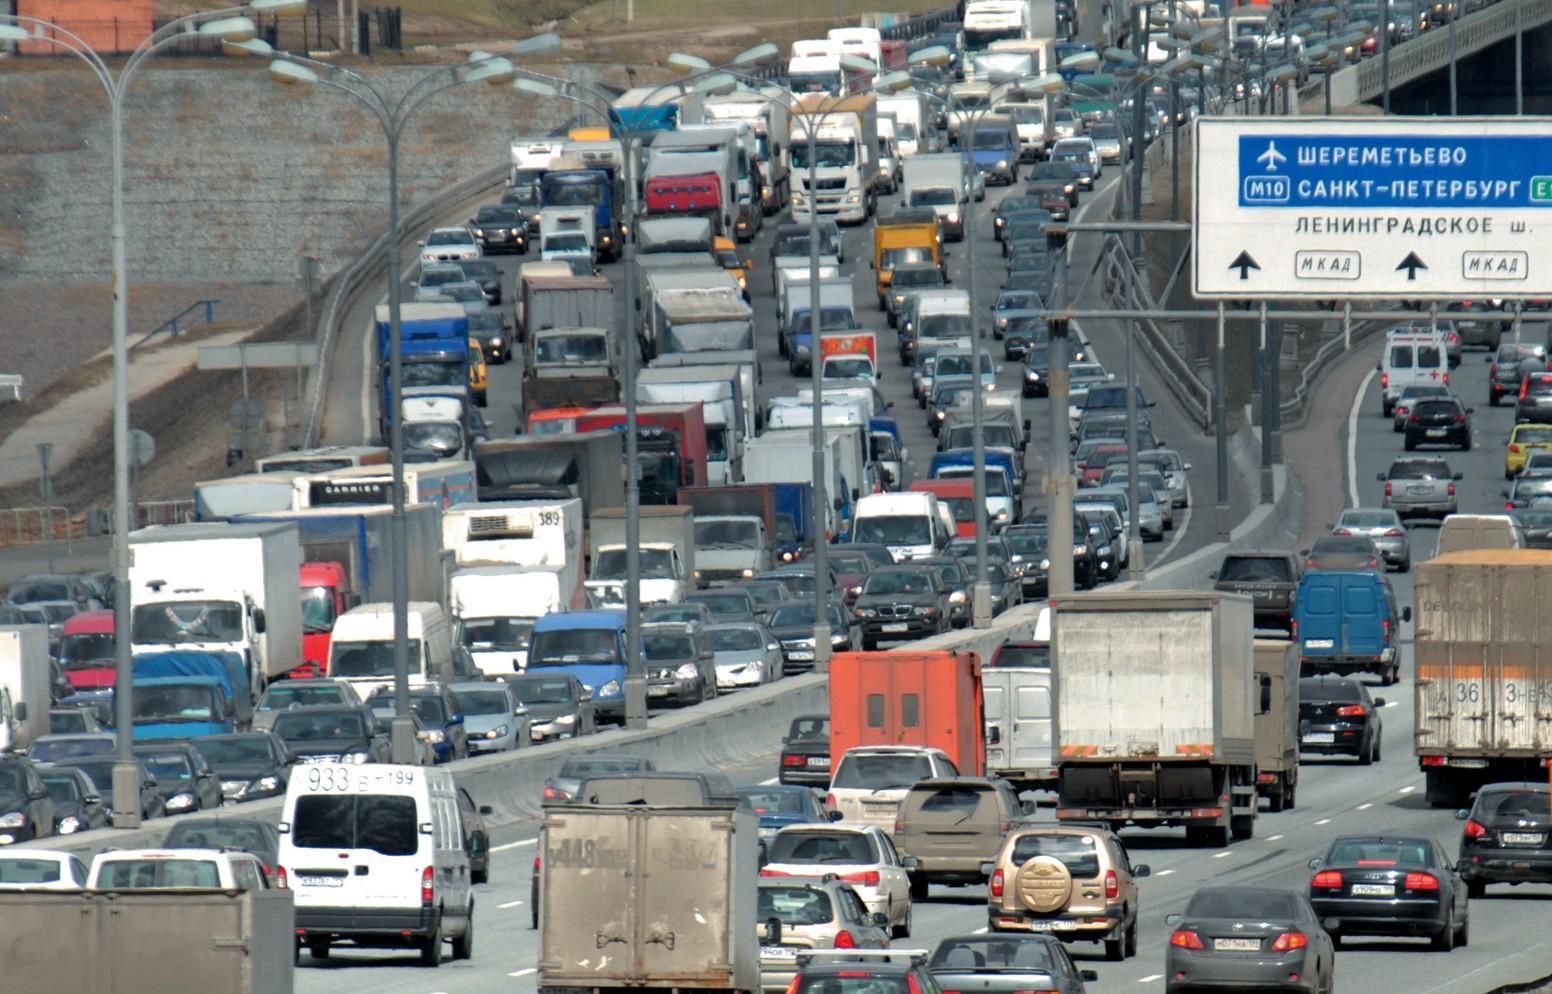 Московские дороги проверят на дефекты с помощью лазерной лаборатории